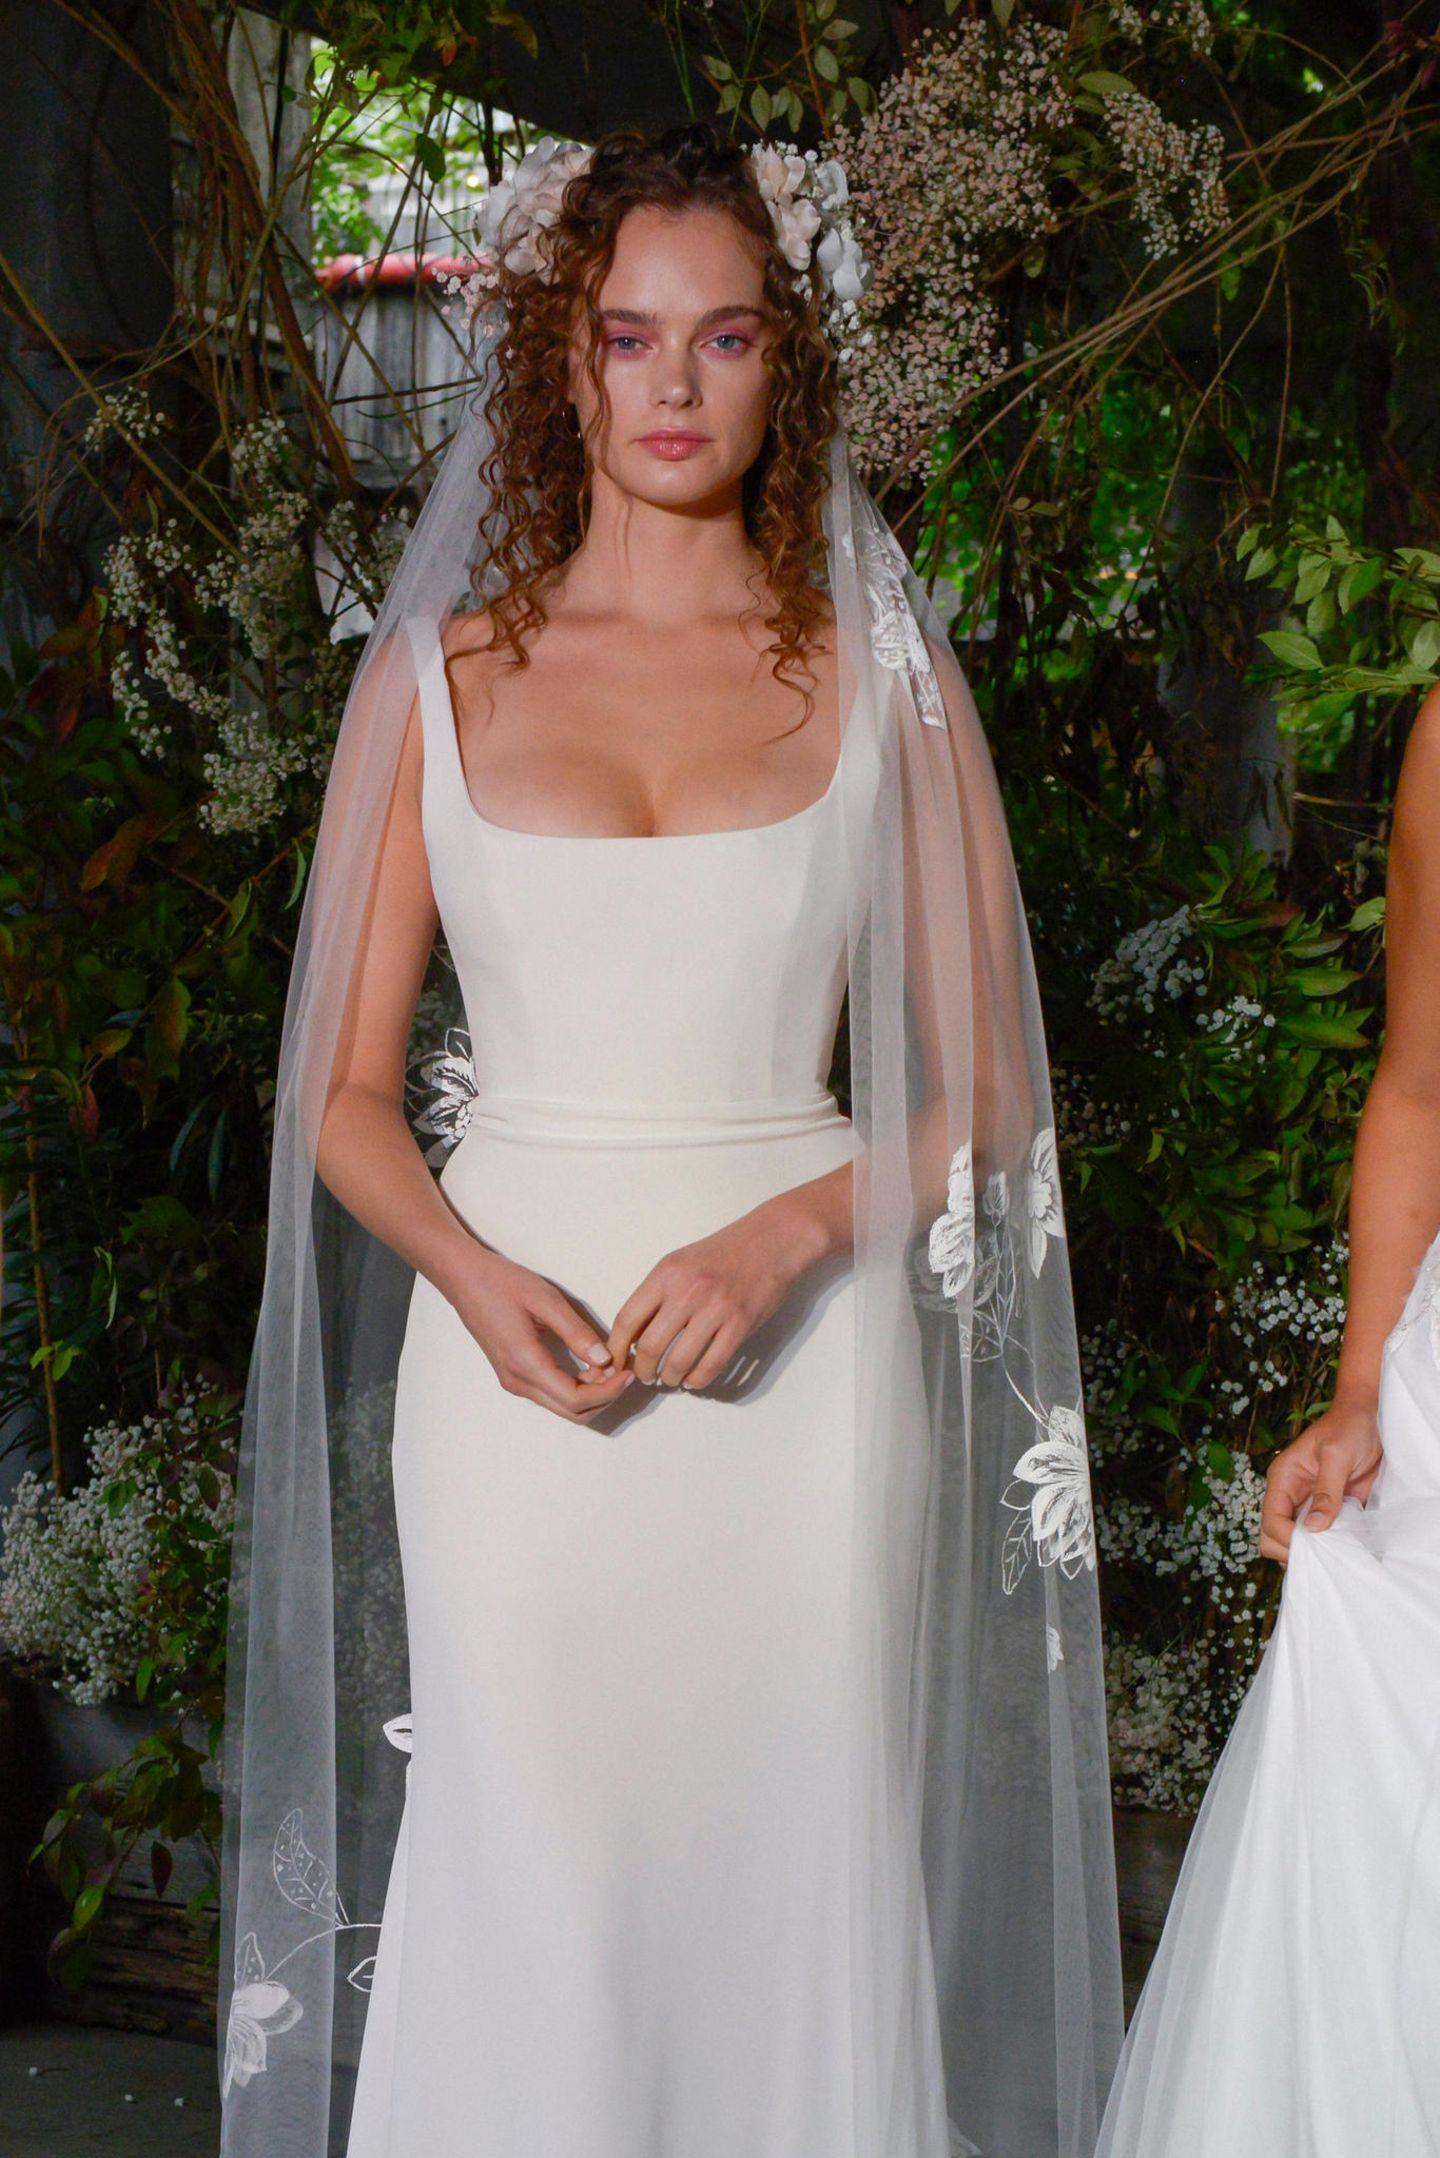 Brautfrisur mit Schleier: Frau mit Brautkleid, Schleier und Locken